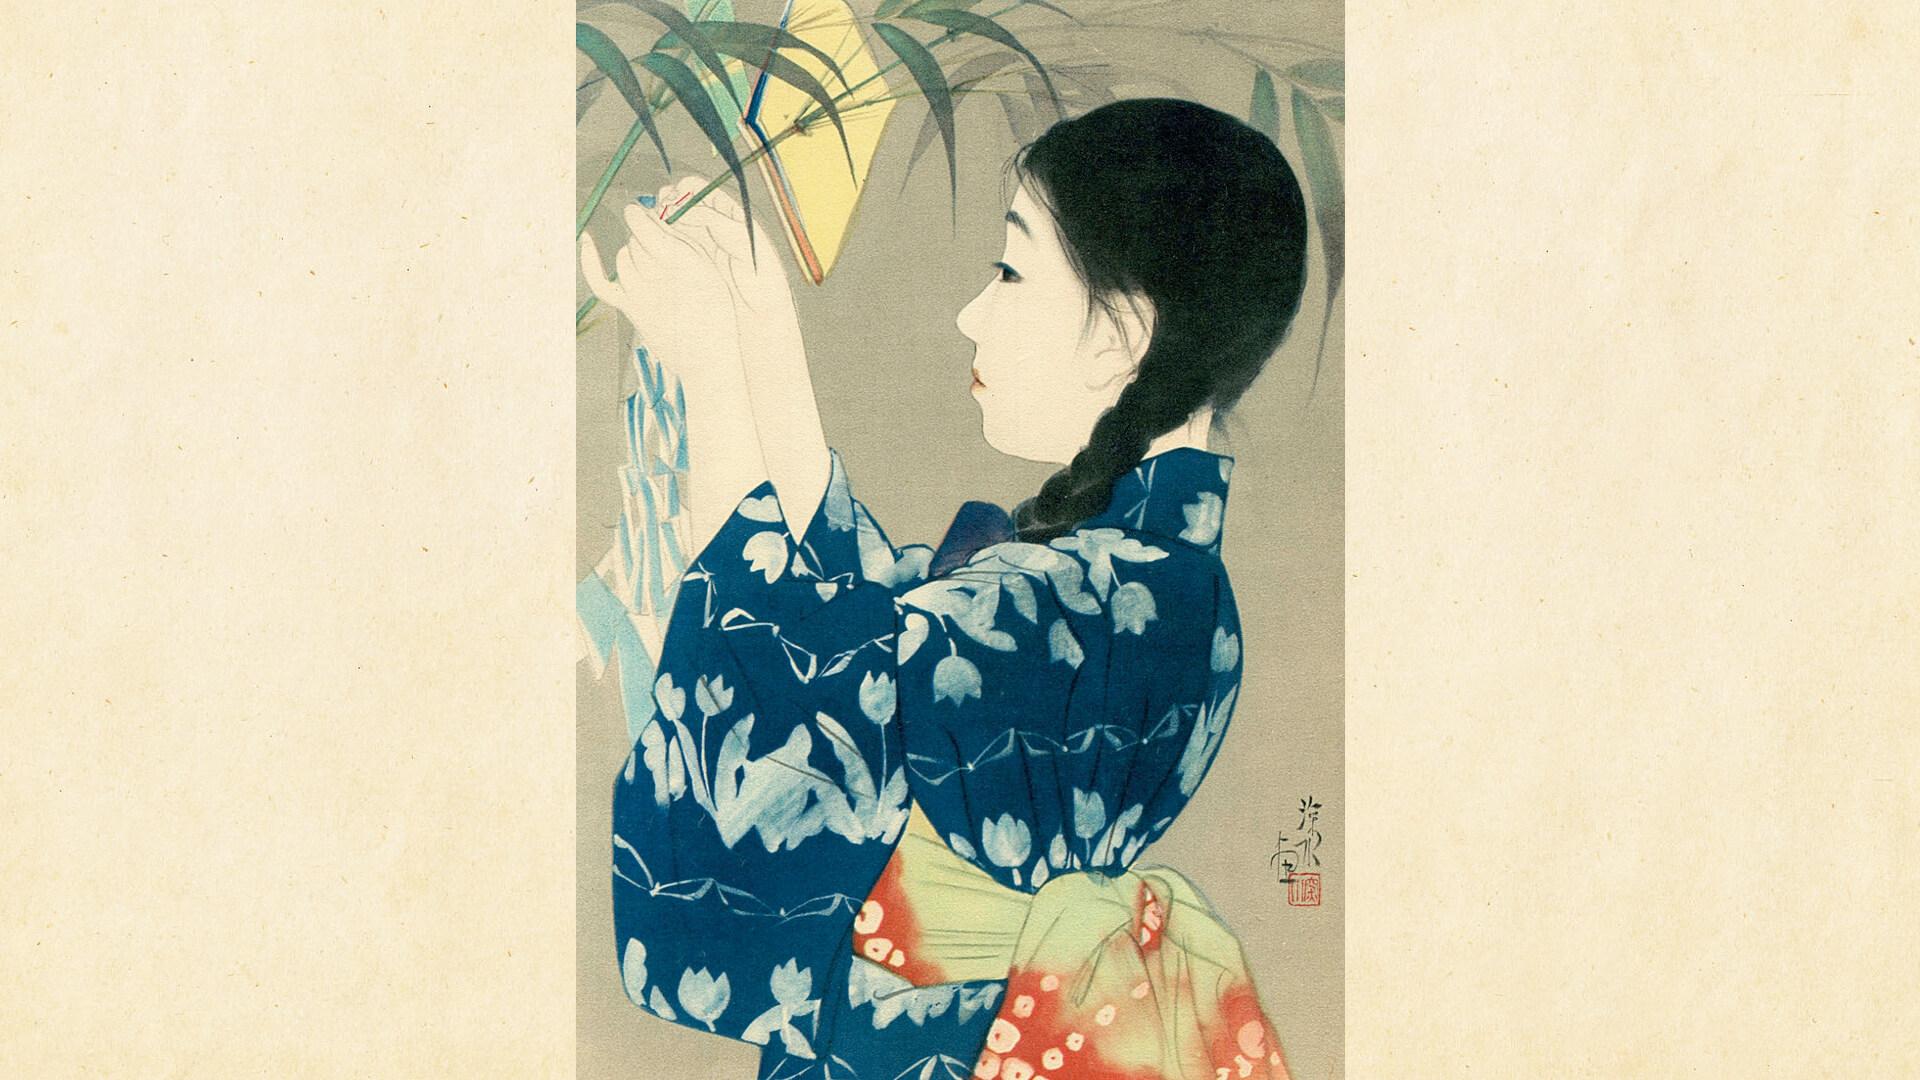 ito shinsui-takasagosome yukatabijin hyakuninsugata sono9 tanabata_1920x1080